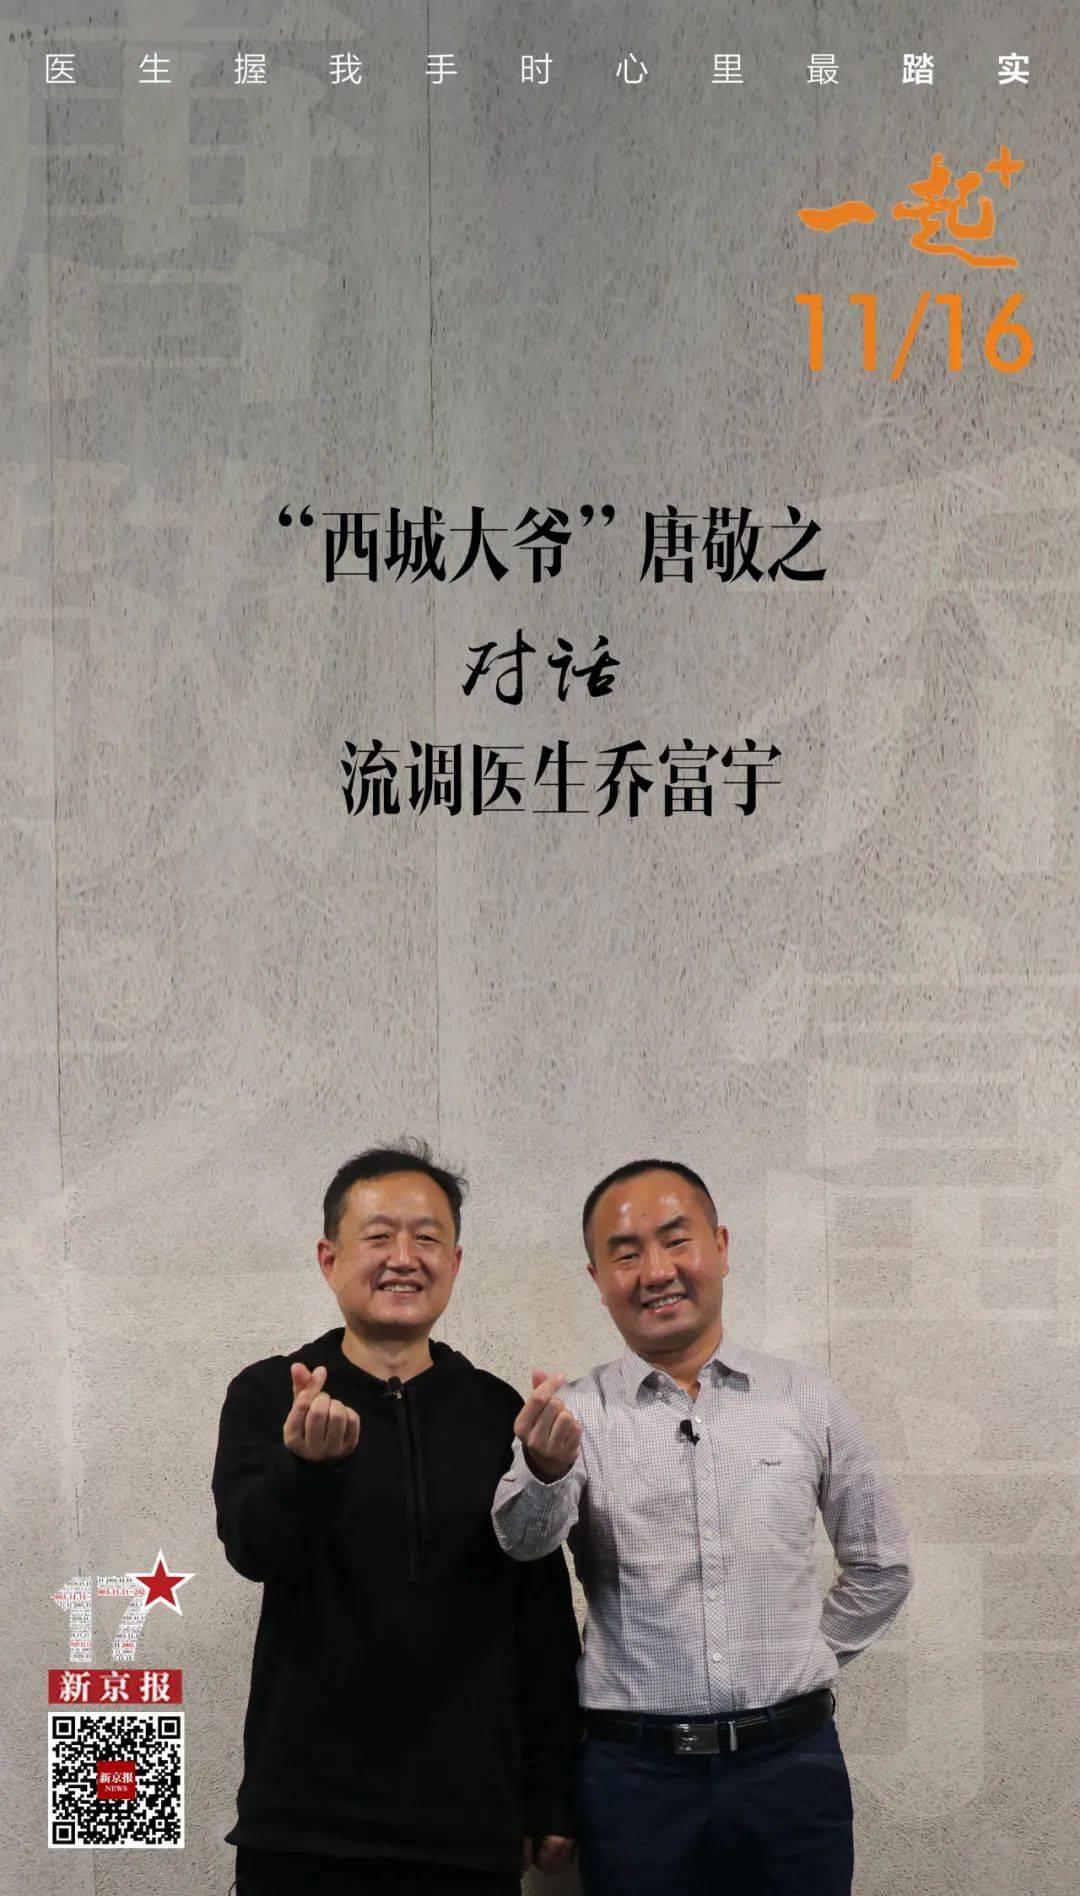 """""""西城大爷""""&疾控流调员:医生握我手时心里最踏实丨新京报""""一起+""""⑤"""